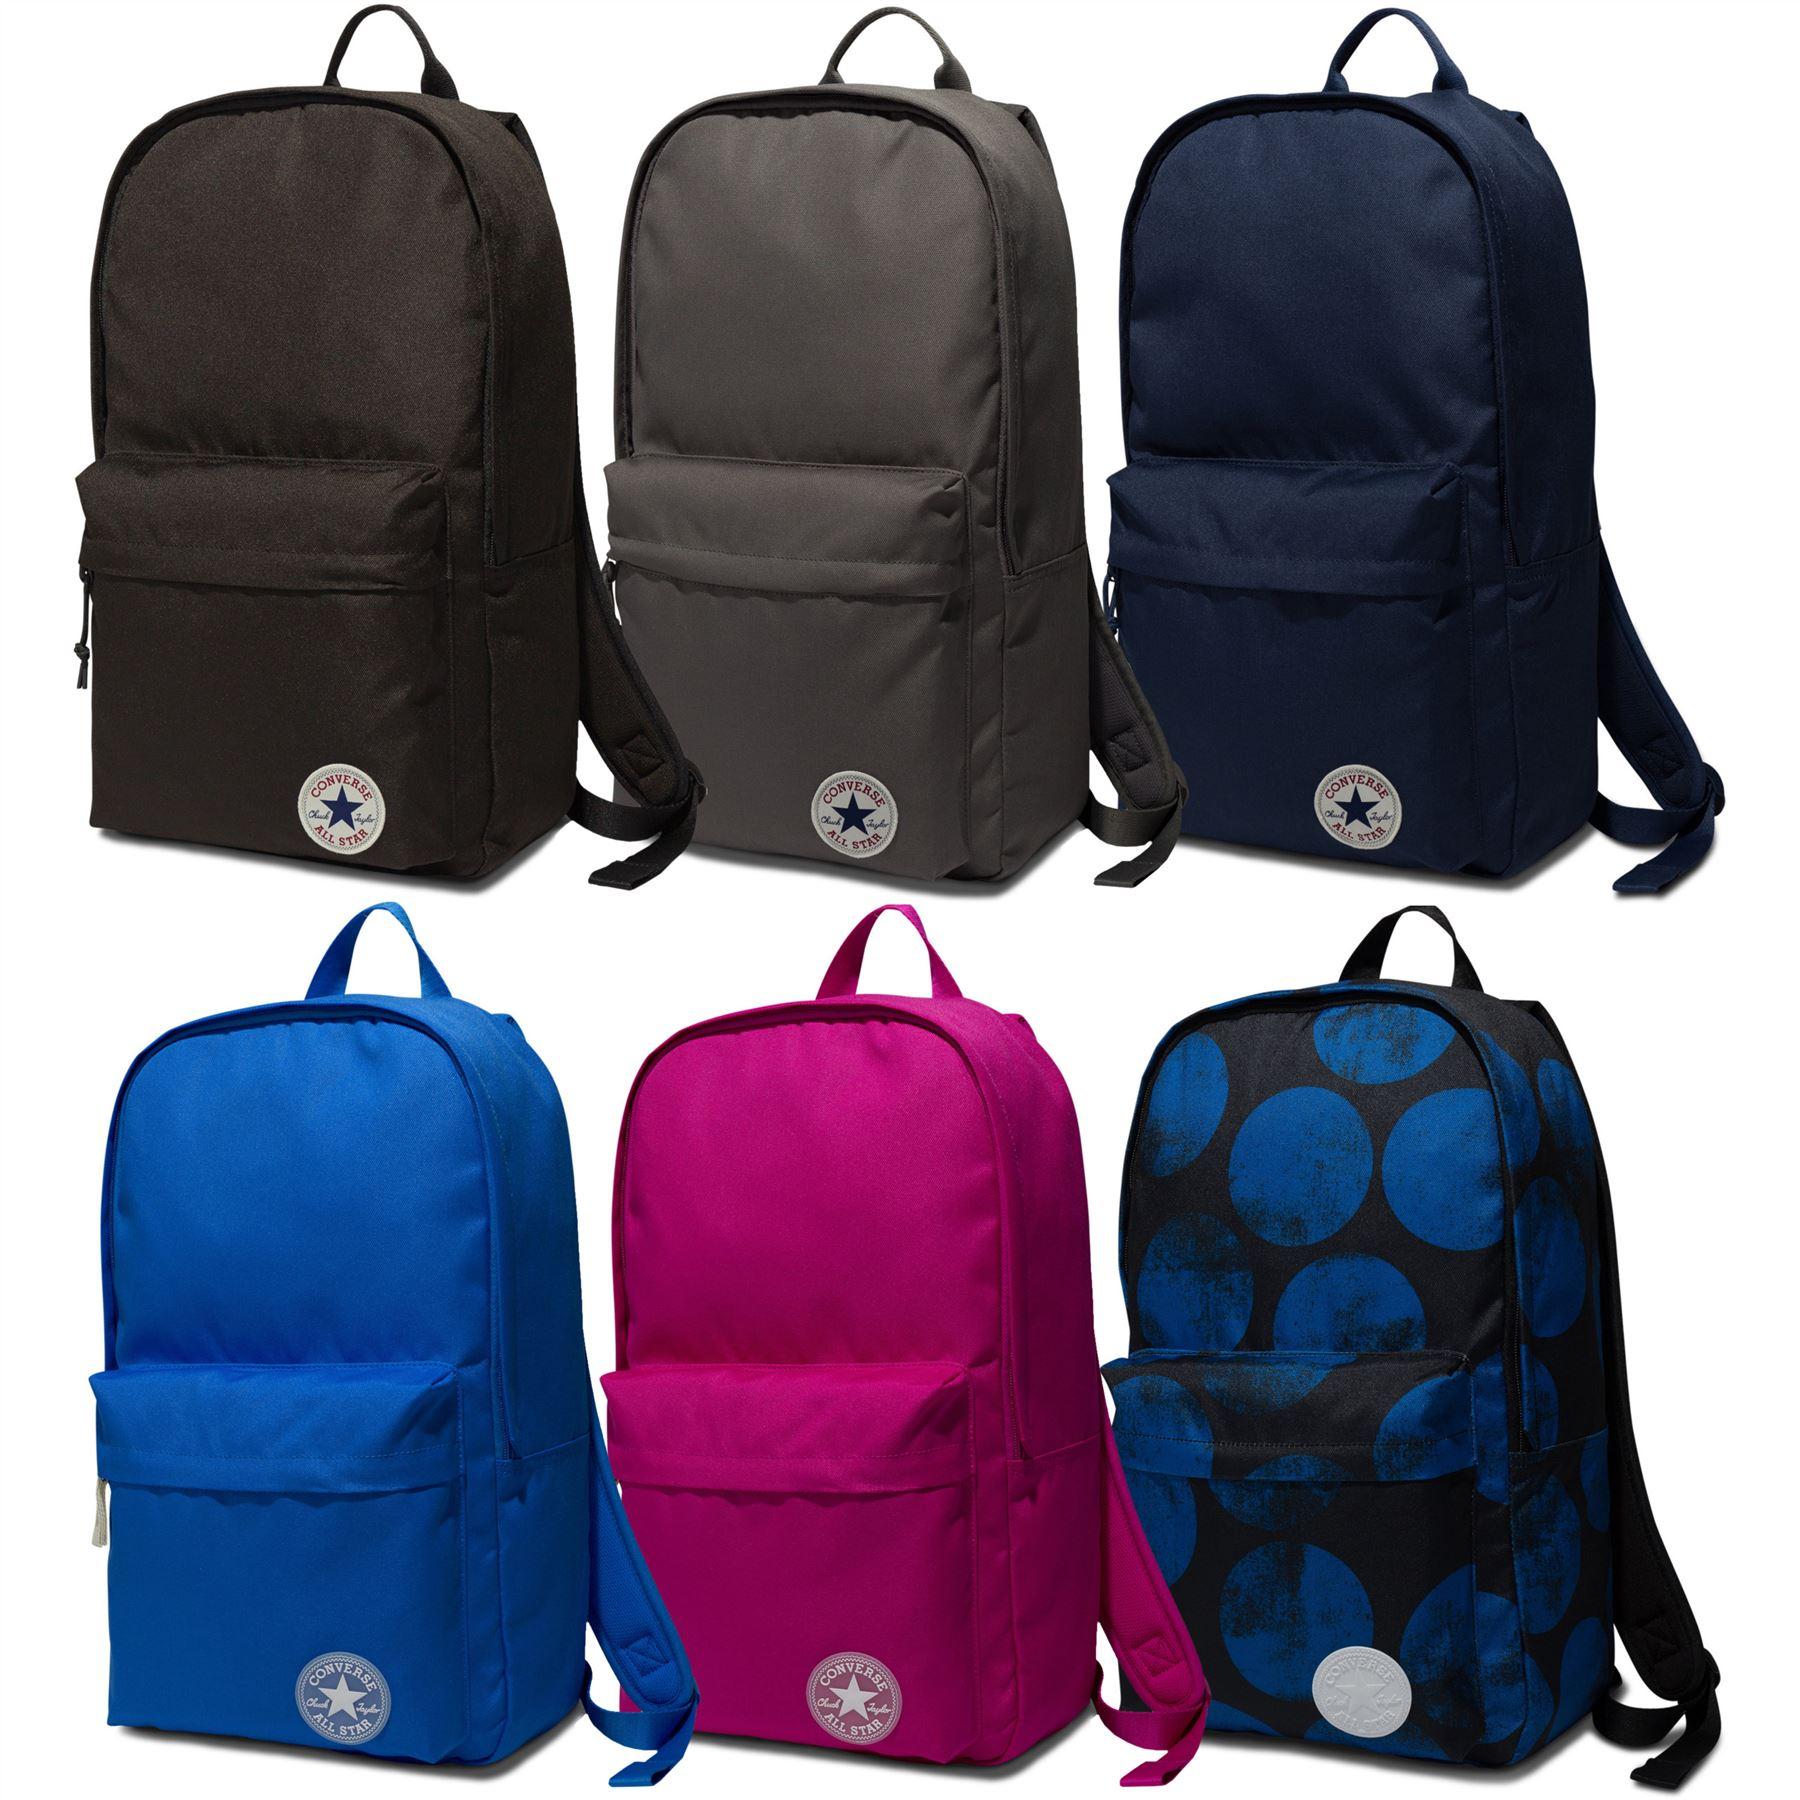 a5550d6e412b converse backpack orange